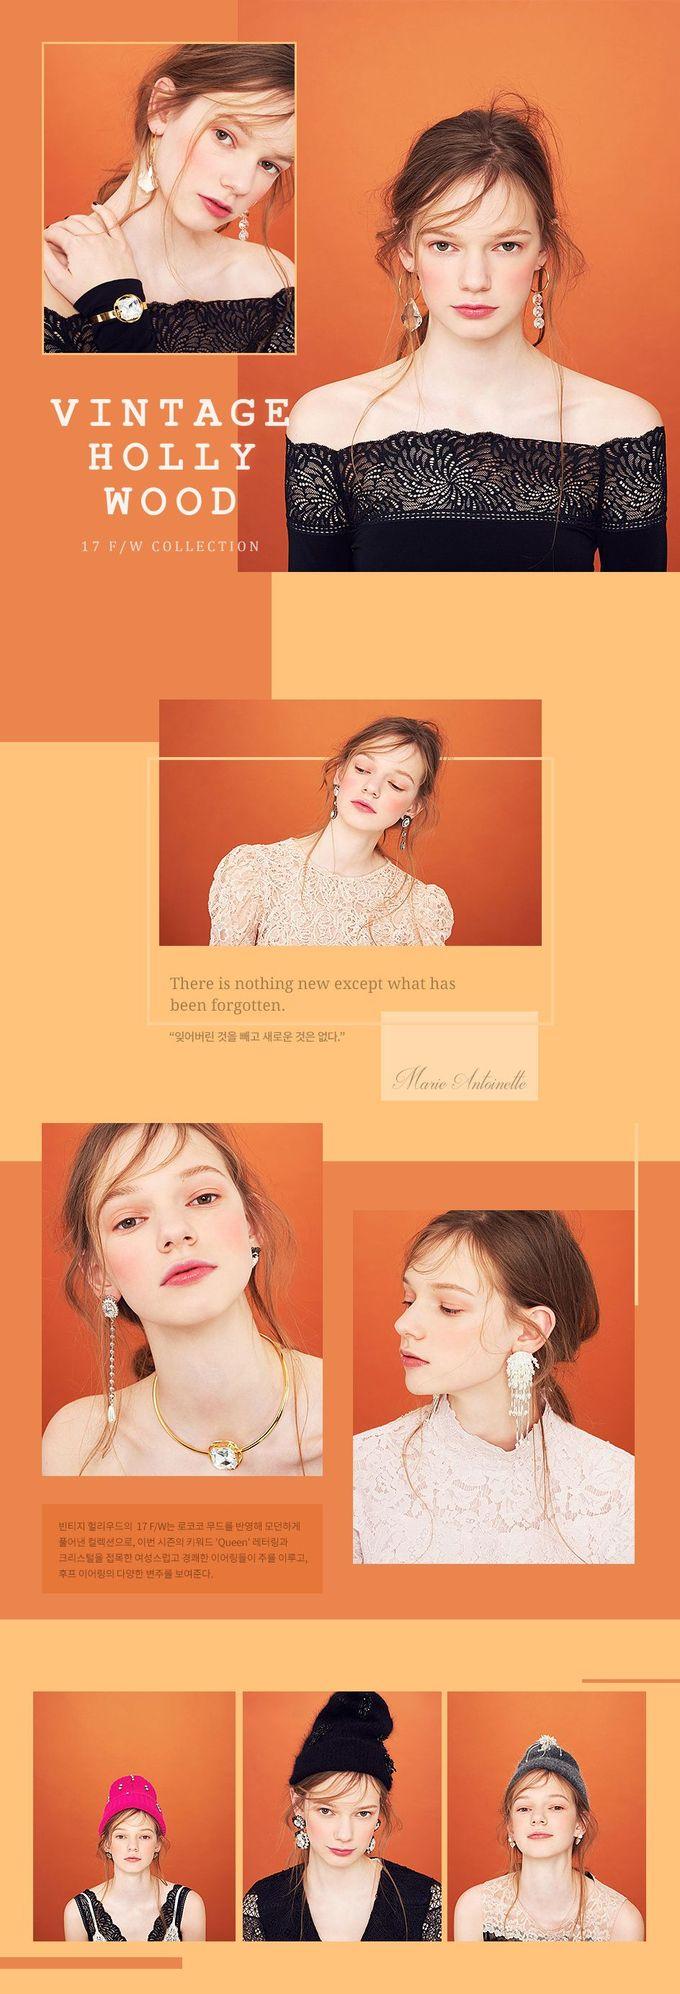 WIZWID:위즈위드 - 글로벌 쇼핑 네트워크 여성 의류 소품 우먼 패션 악세서리 주얼리 기획전 VINTAGE HOLLYWOOD 17 F/W 빈티지 헐리우드의 17 F/W 컬렉션. 런칭기념 사은품 증정!